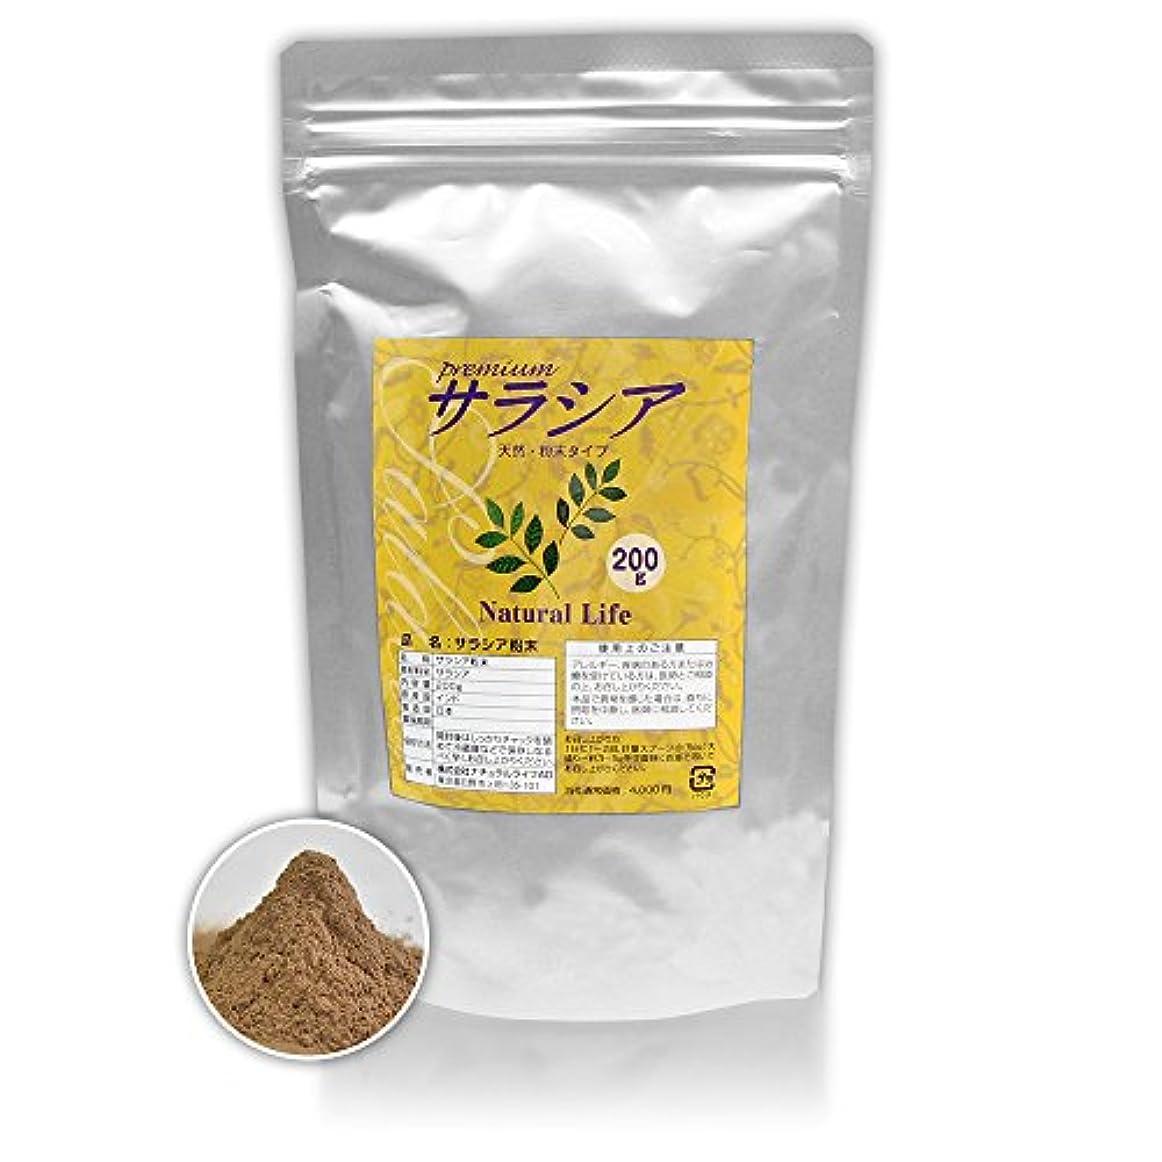 一瞬歩道死の顎サラシア粉末[200g]天然ピュア原料(無添加)健康食品(さらしあ,レティキュラータ)